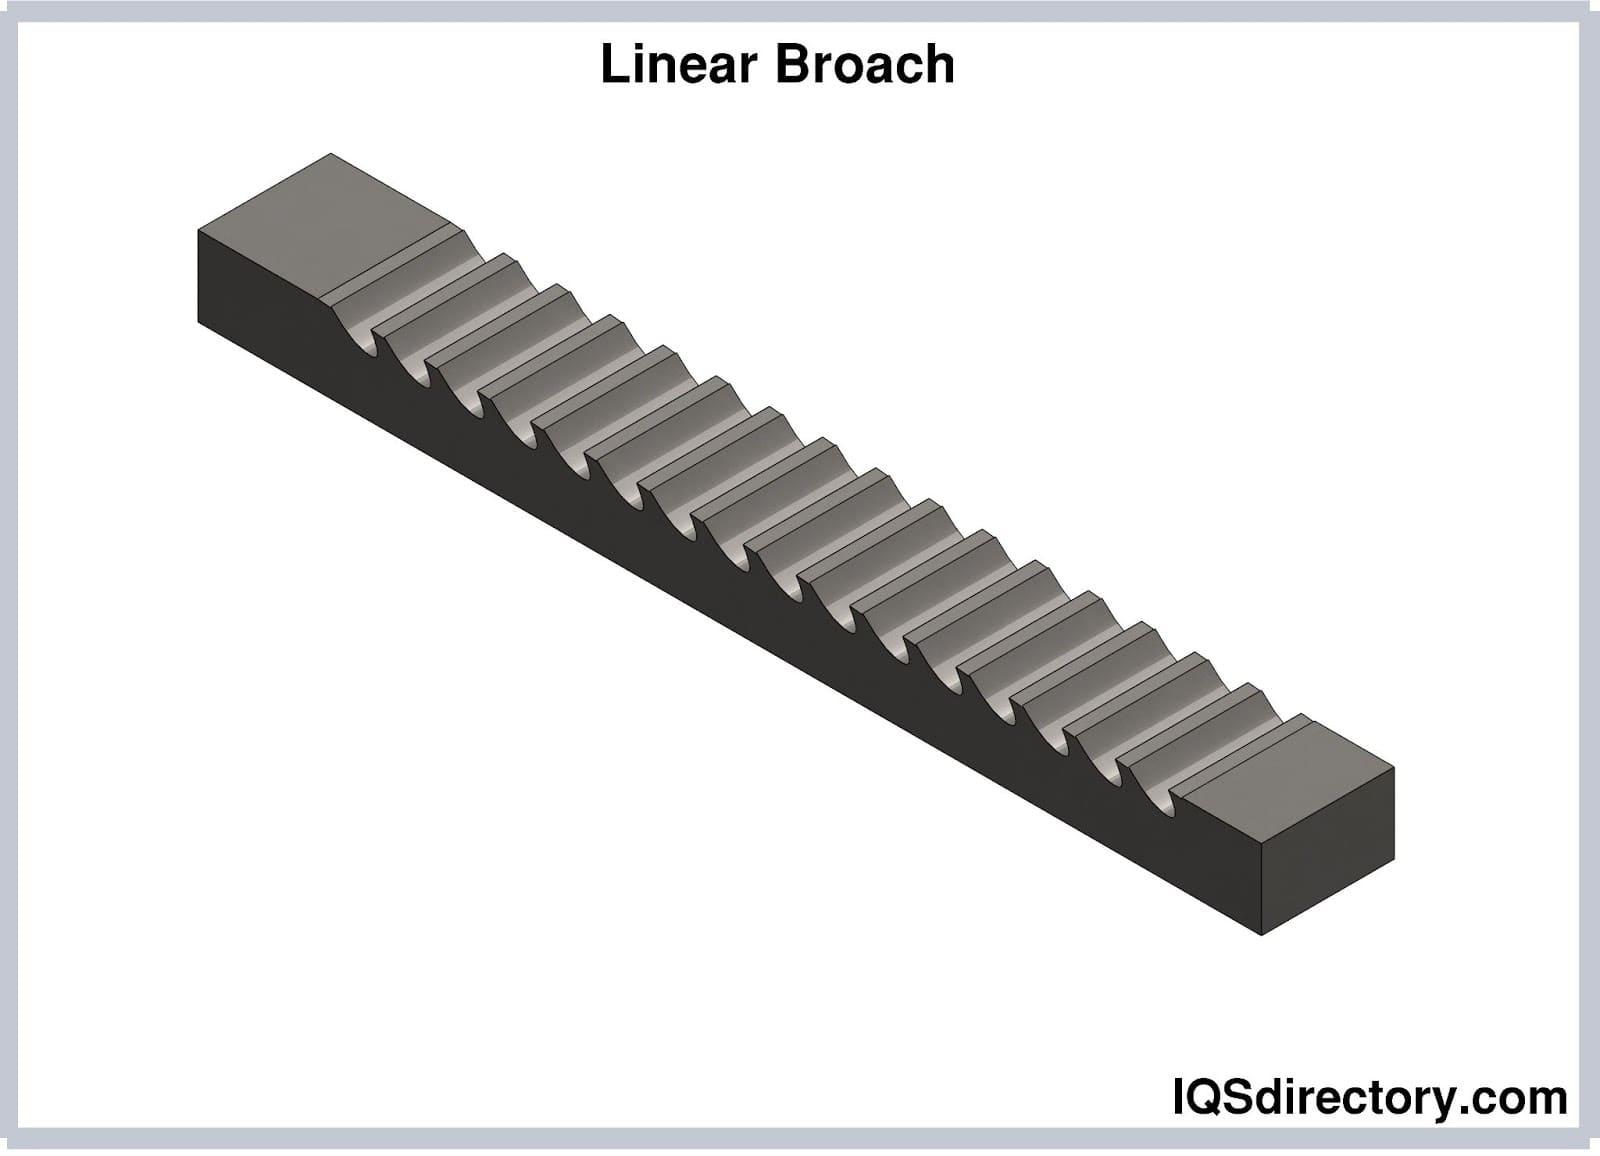 Linear Broach